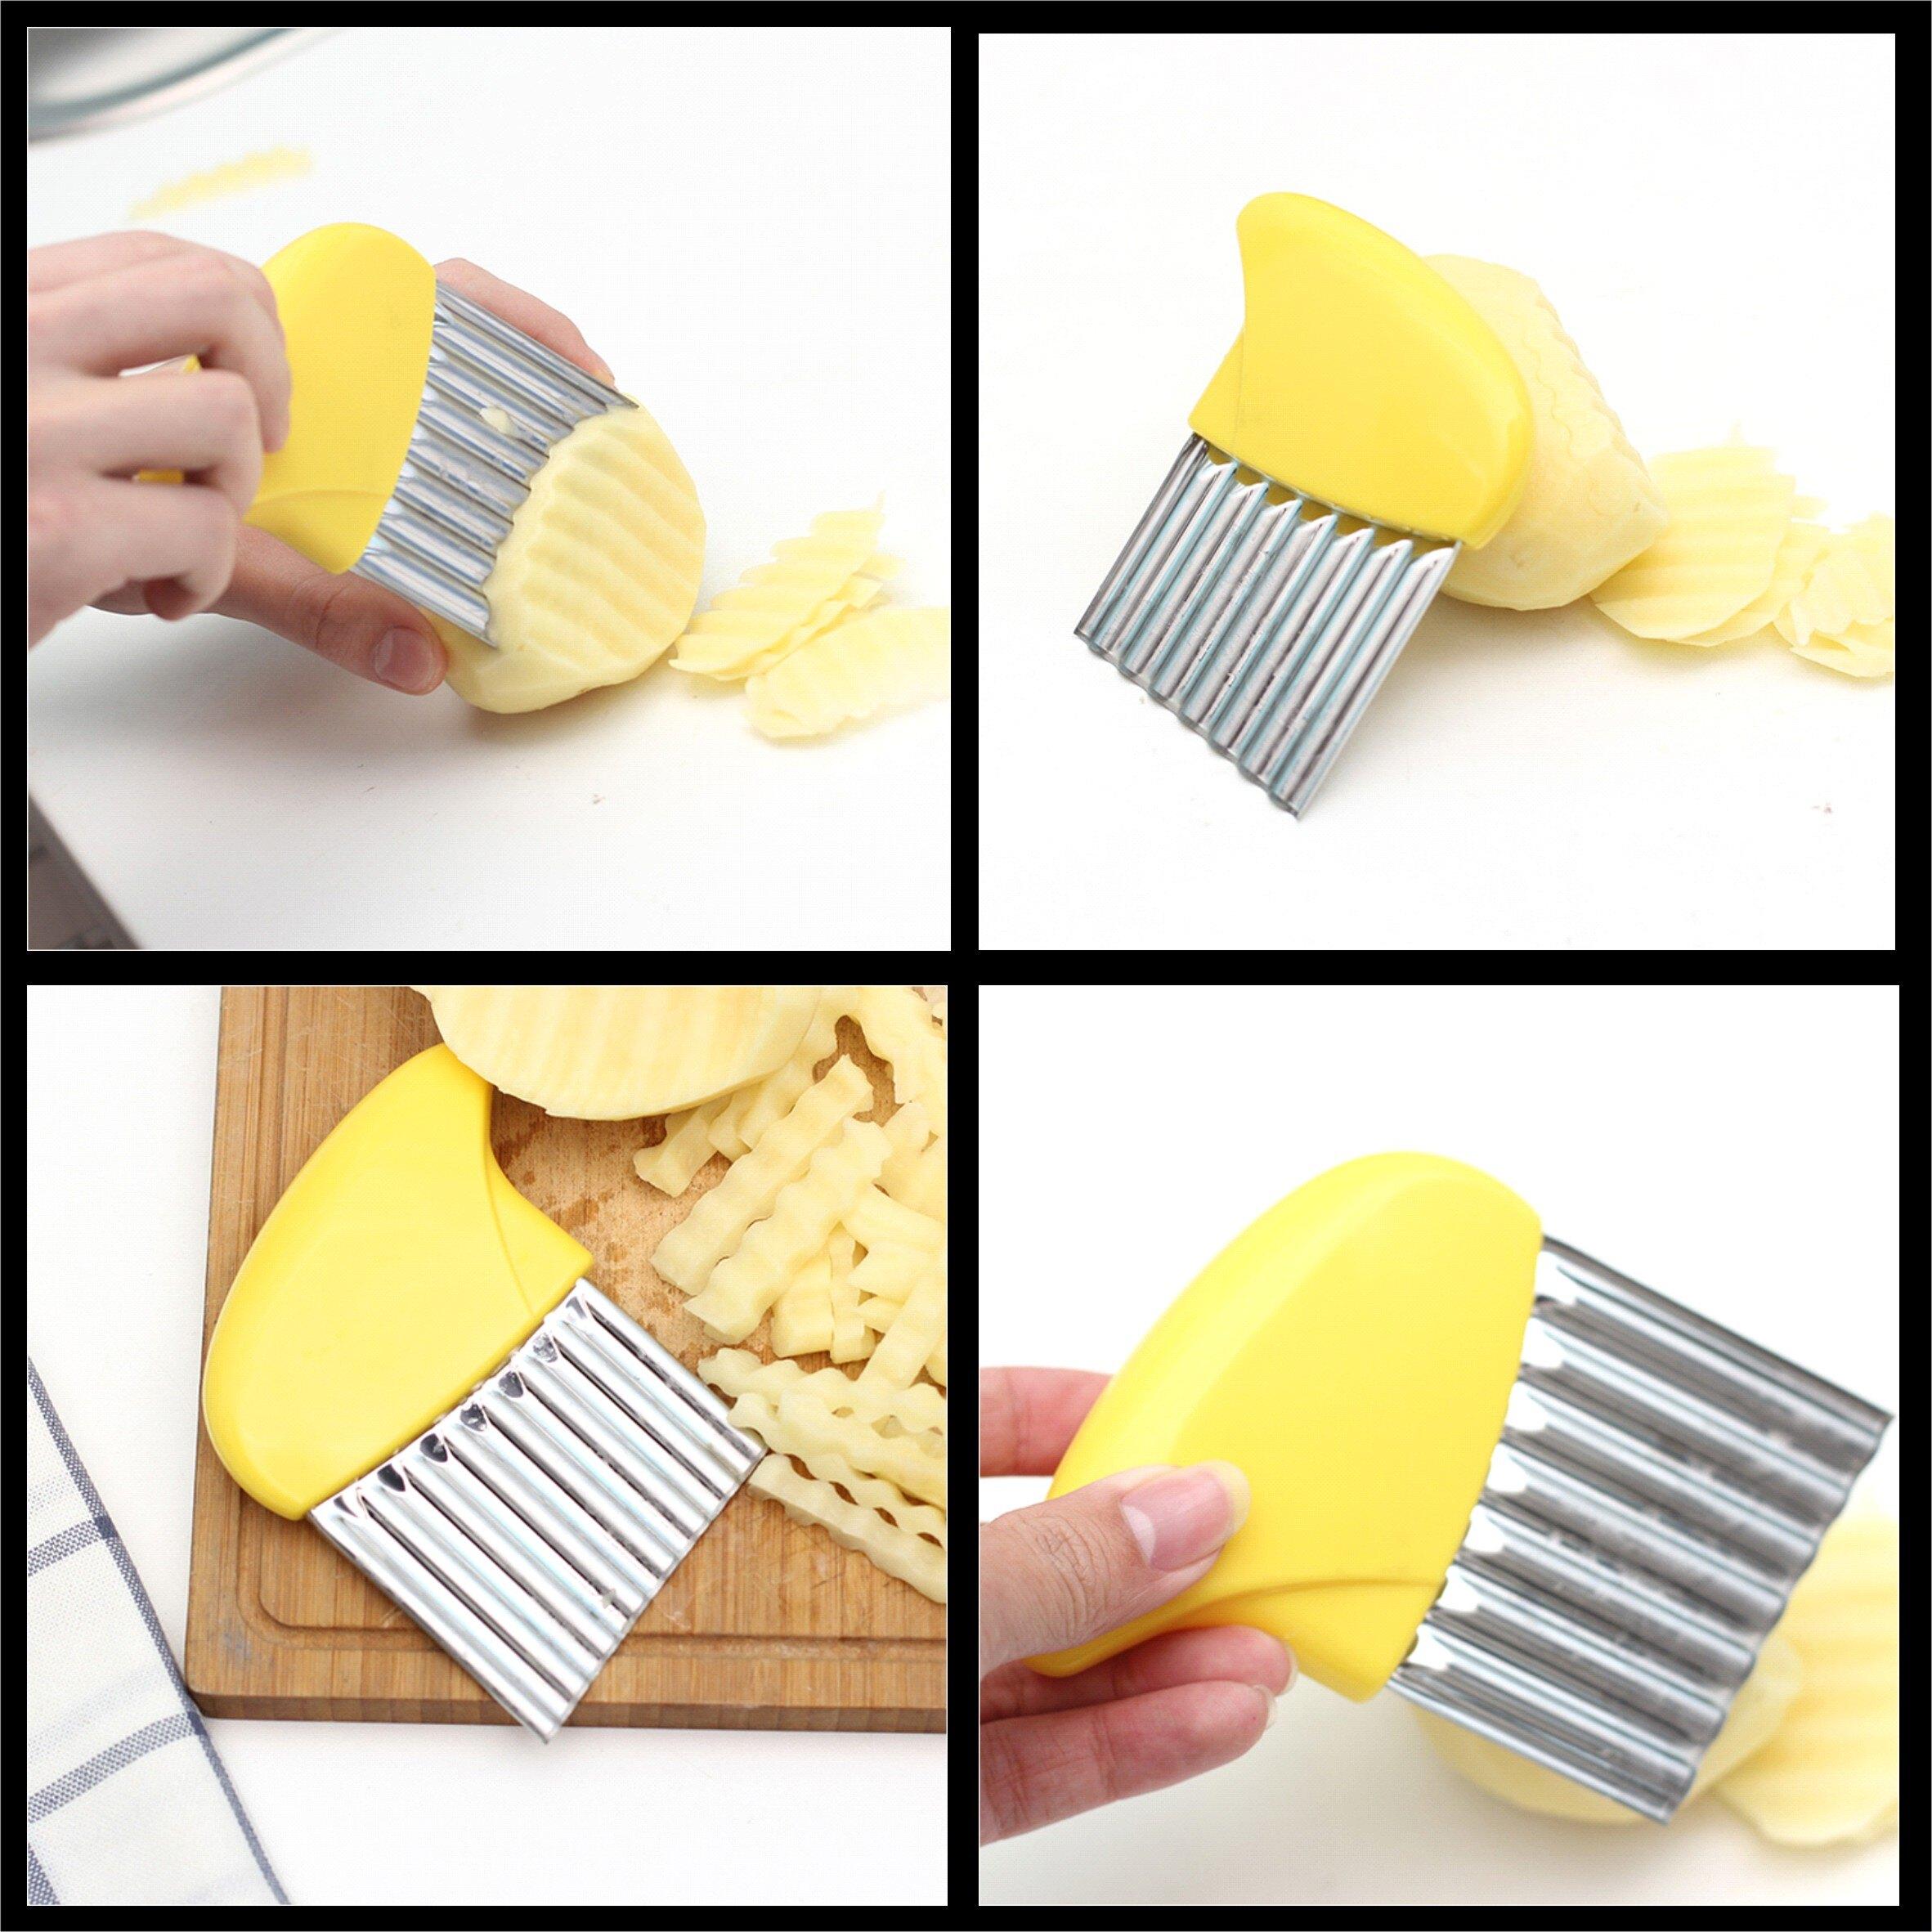 日式馬鈴薯波浪切片刀 紅蘿蔔造型切片刀 刨片刀【居家達人 BA052】